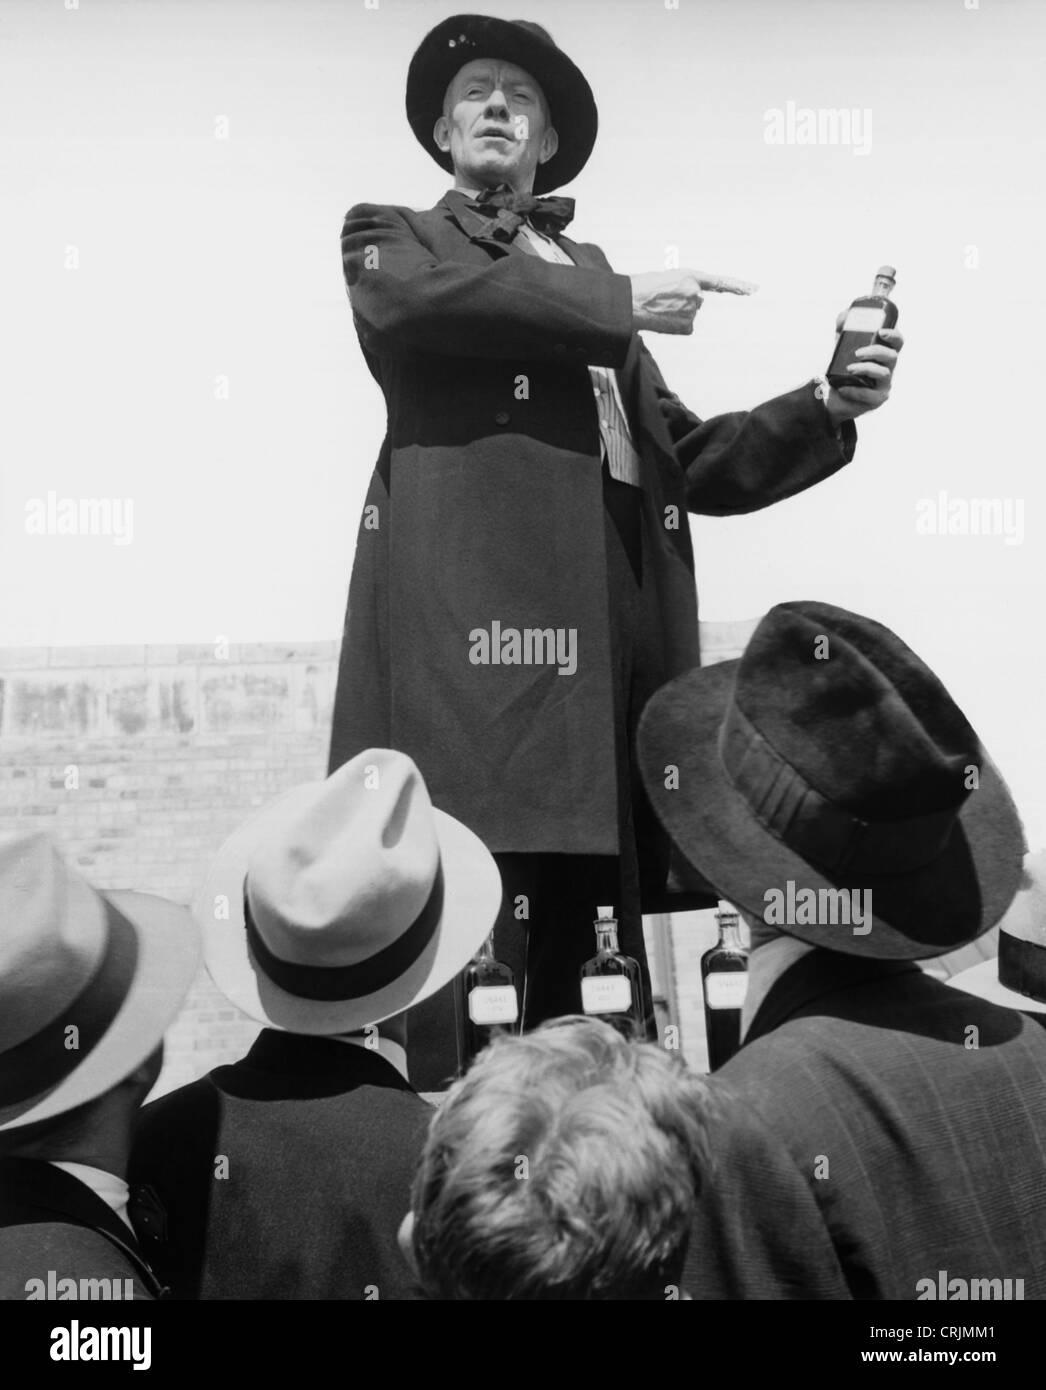 Los testigos de Jehová: organizados para predicar las buenas nuevas El-vendedor-vende-elixir-en-botella-para-multitud-crjmm1